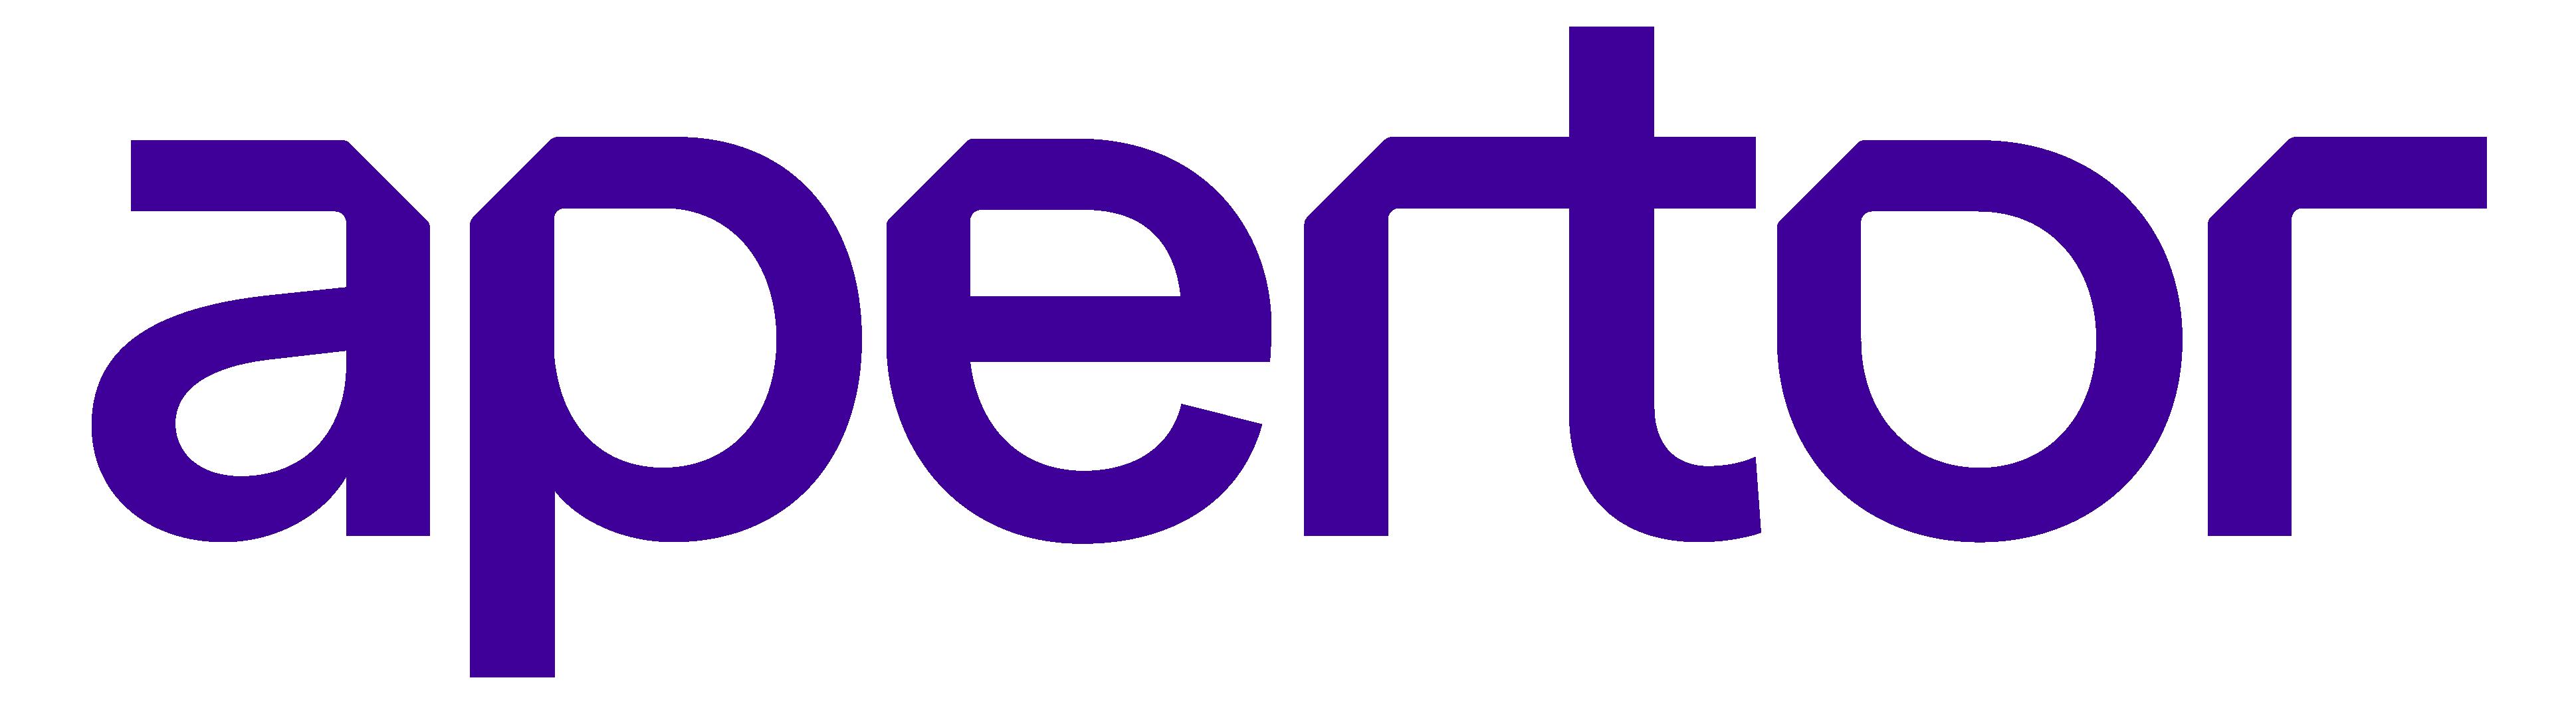 Apertor Pharmaceuticals Logo